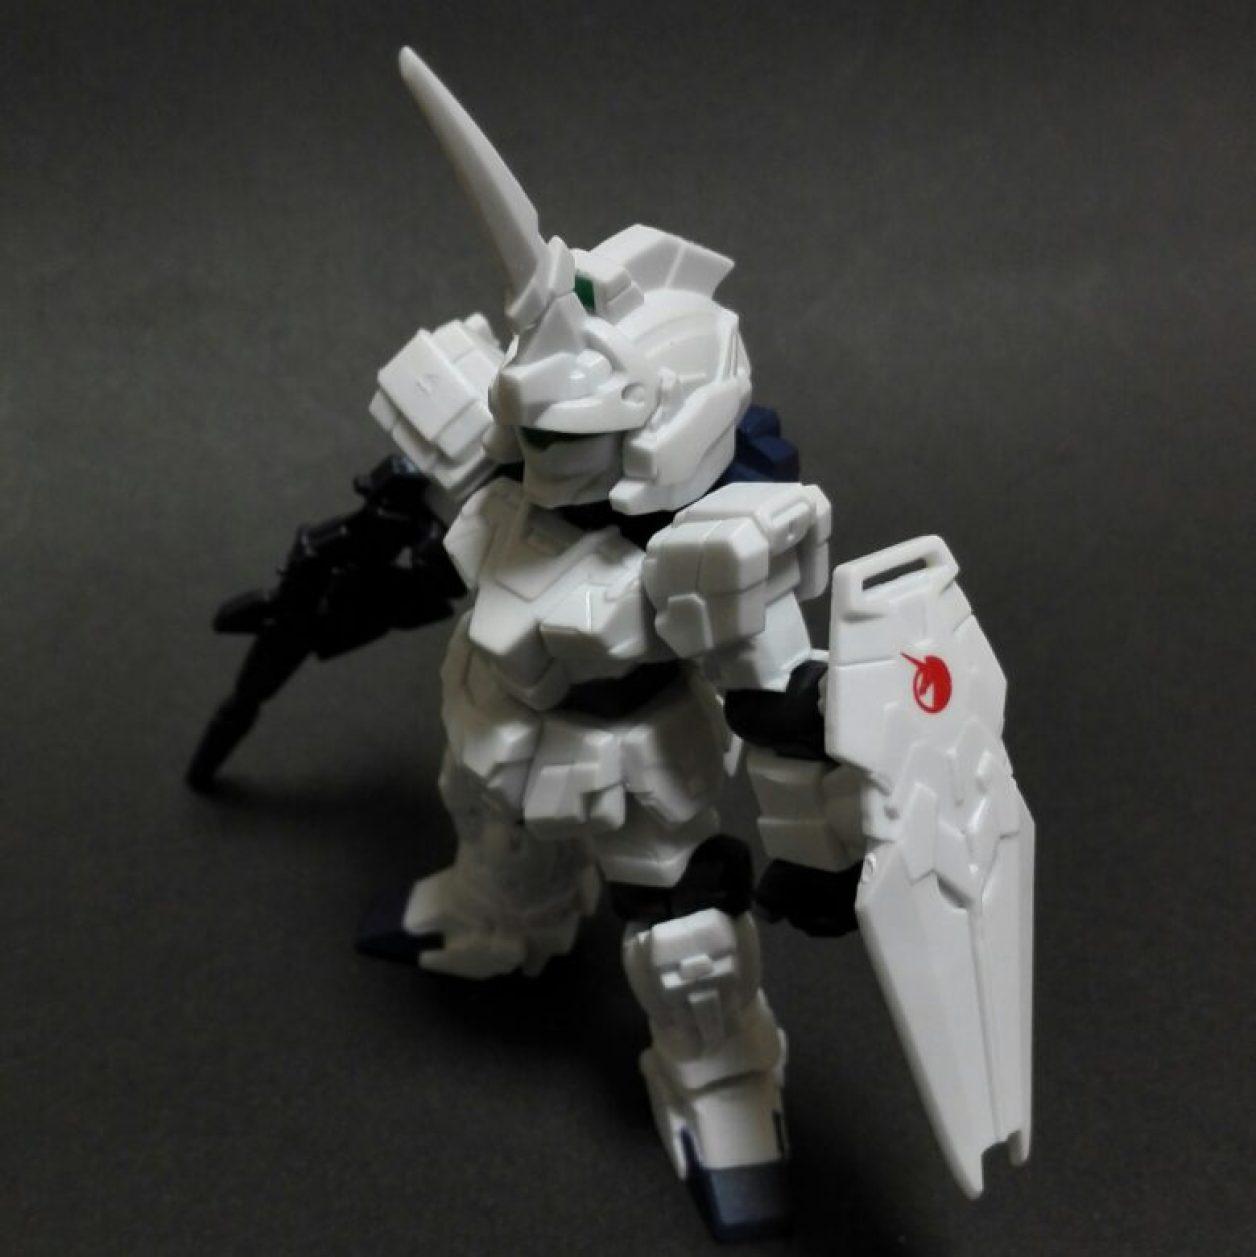 MOBILE SUIT ENSEMBLE(モビルスーツアンサンブル)第10弾のユニコーンガンダム(ユニコーンモード)に初期武装であるビーム・マグナムとシールドを装備させた画像